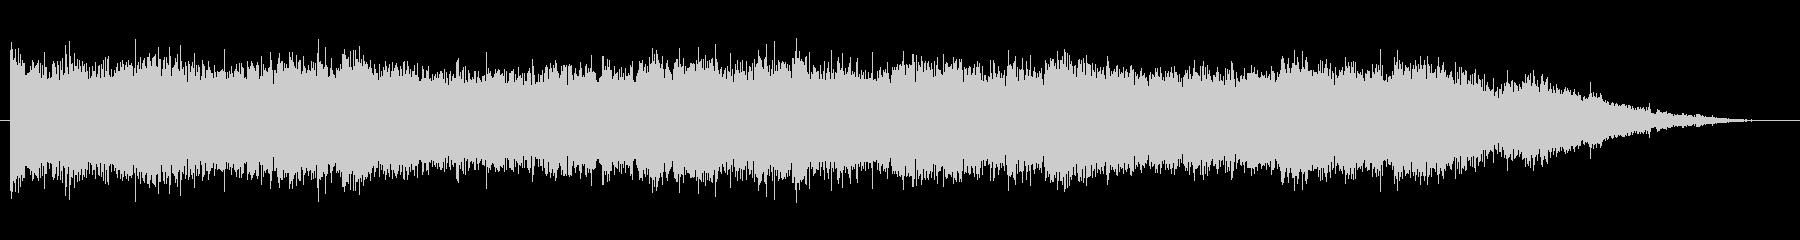 緊張 壊れたピアノのカオス04の未再生の波形